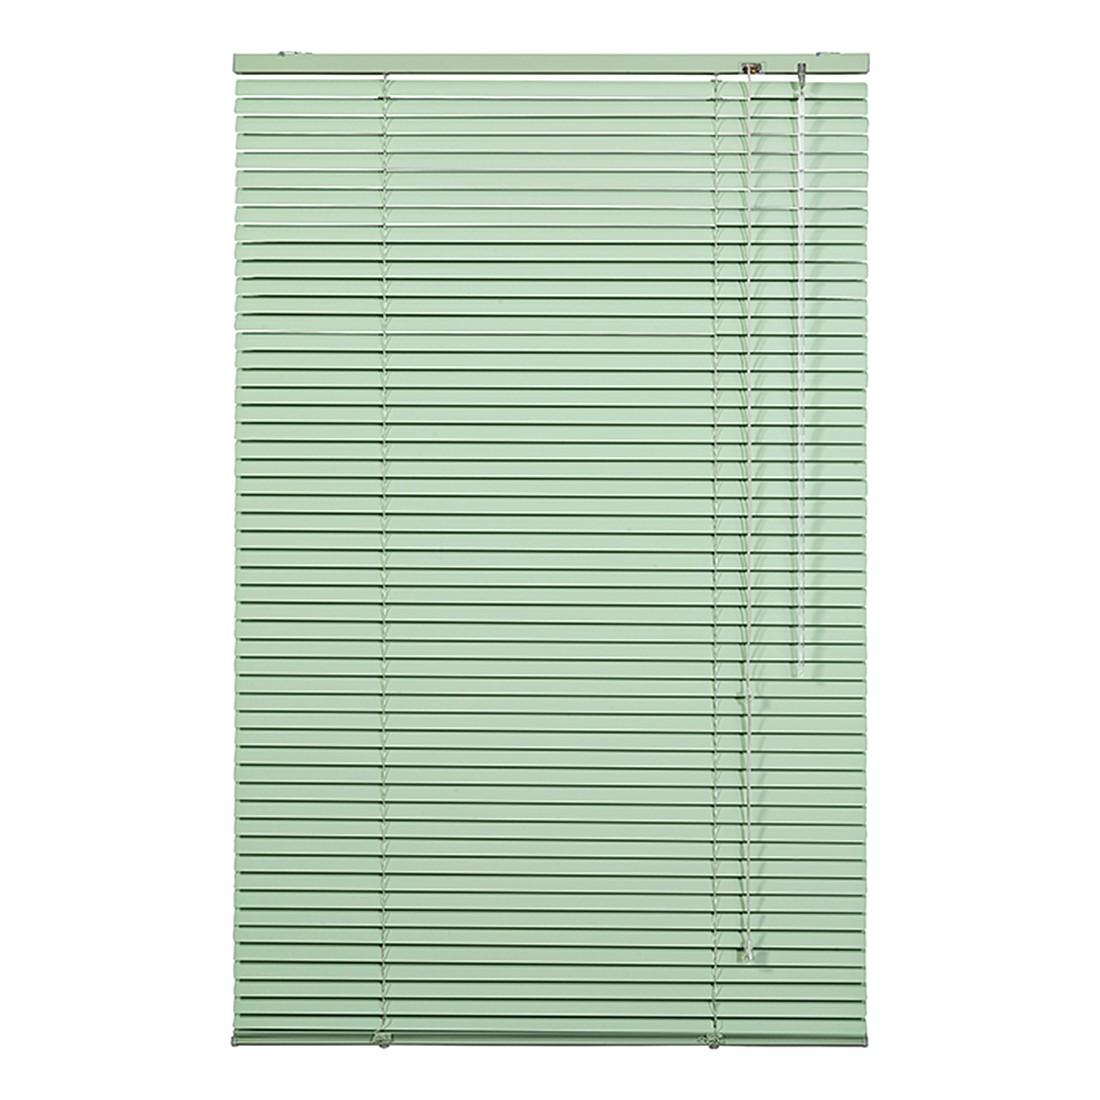 Jalousie Klemmfix – Aluminium, Grün – (H x B): 220 x 90 cm, Wohn-Guide bestellen